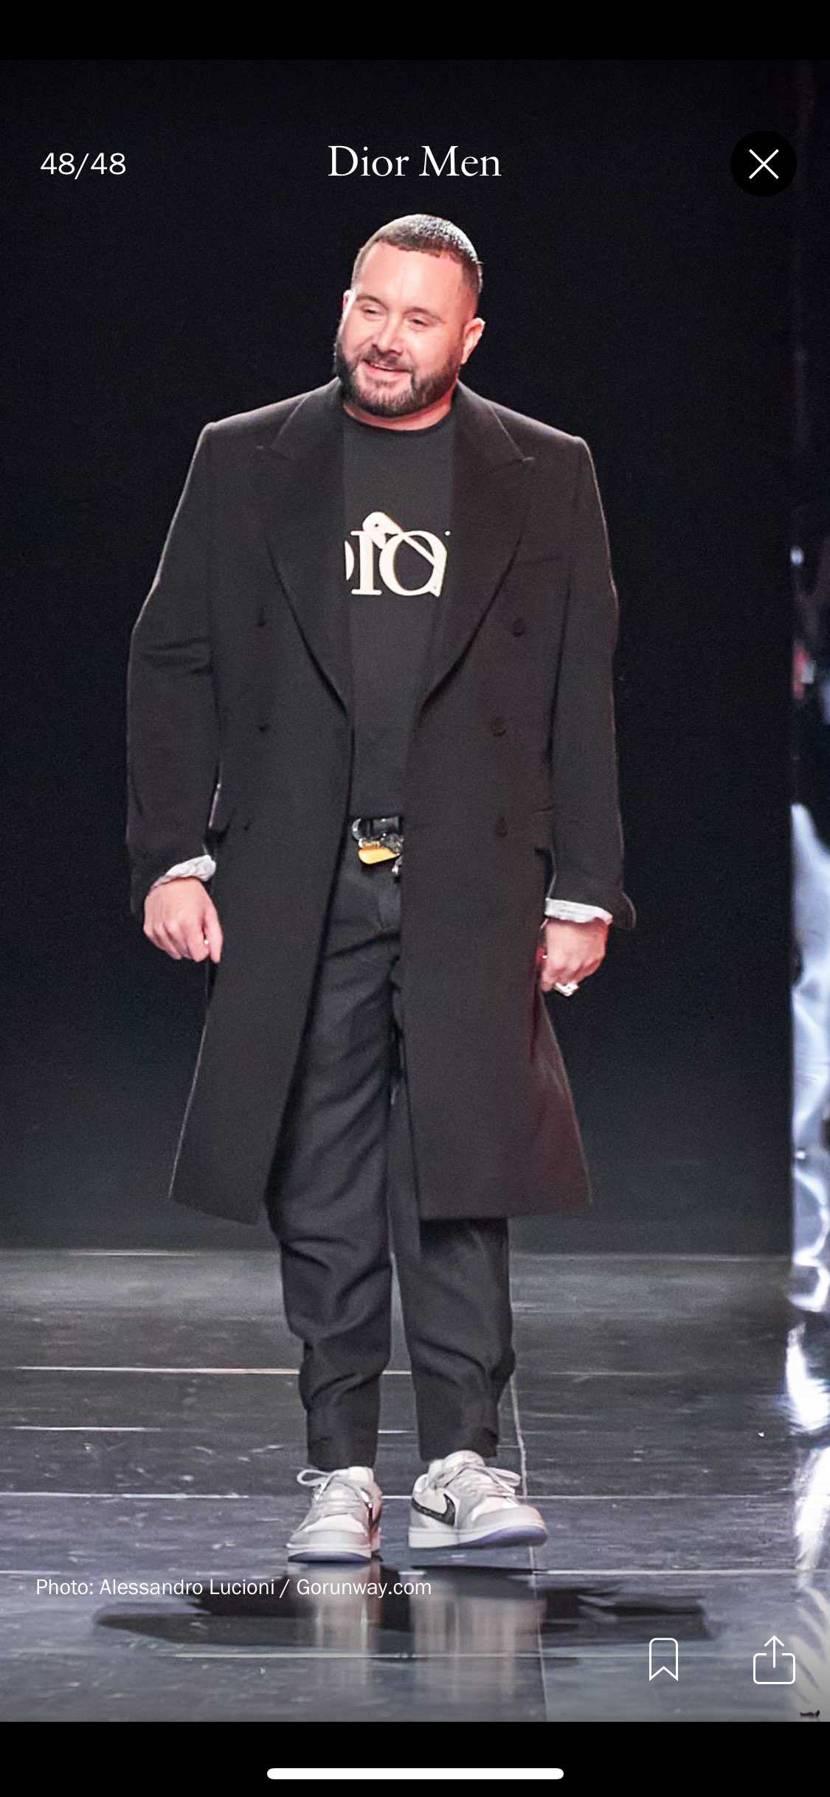 キムジョーンズは秋冬コレクションでlow履いてますね。